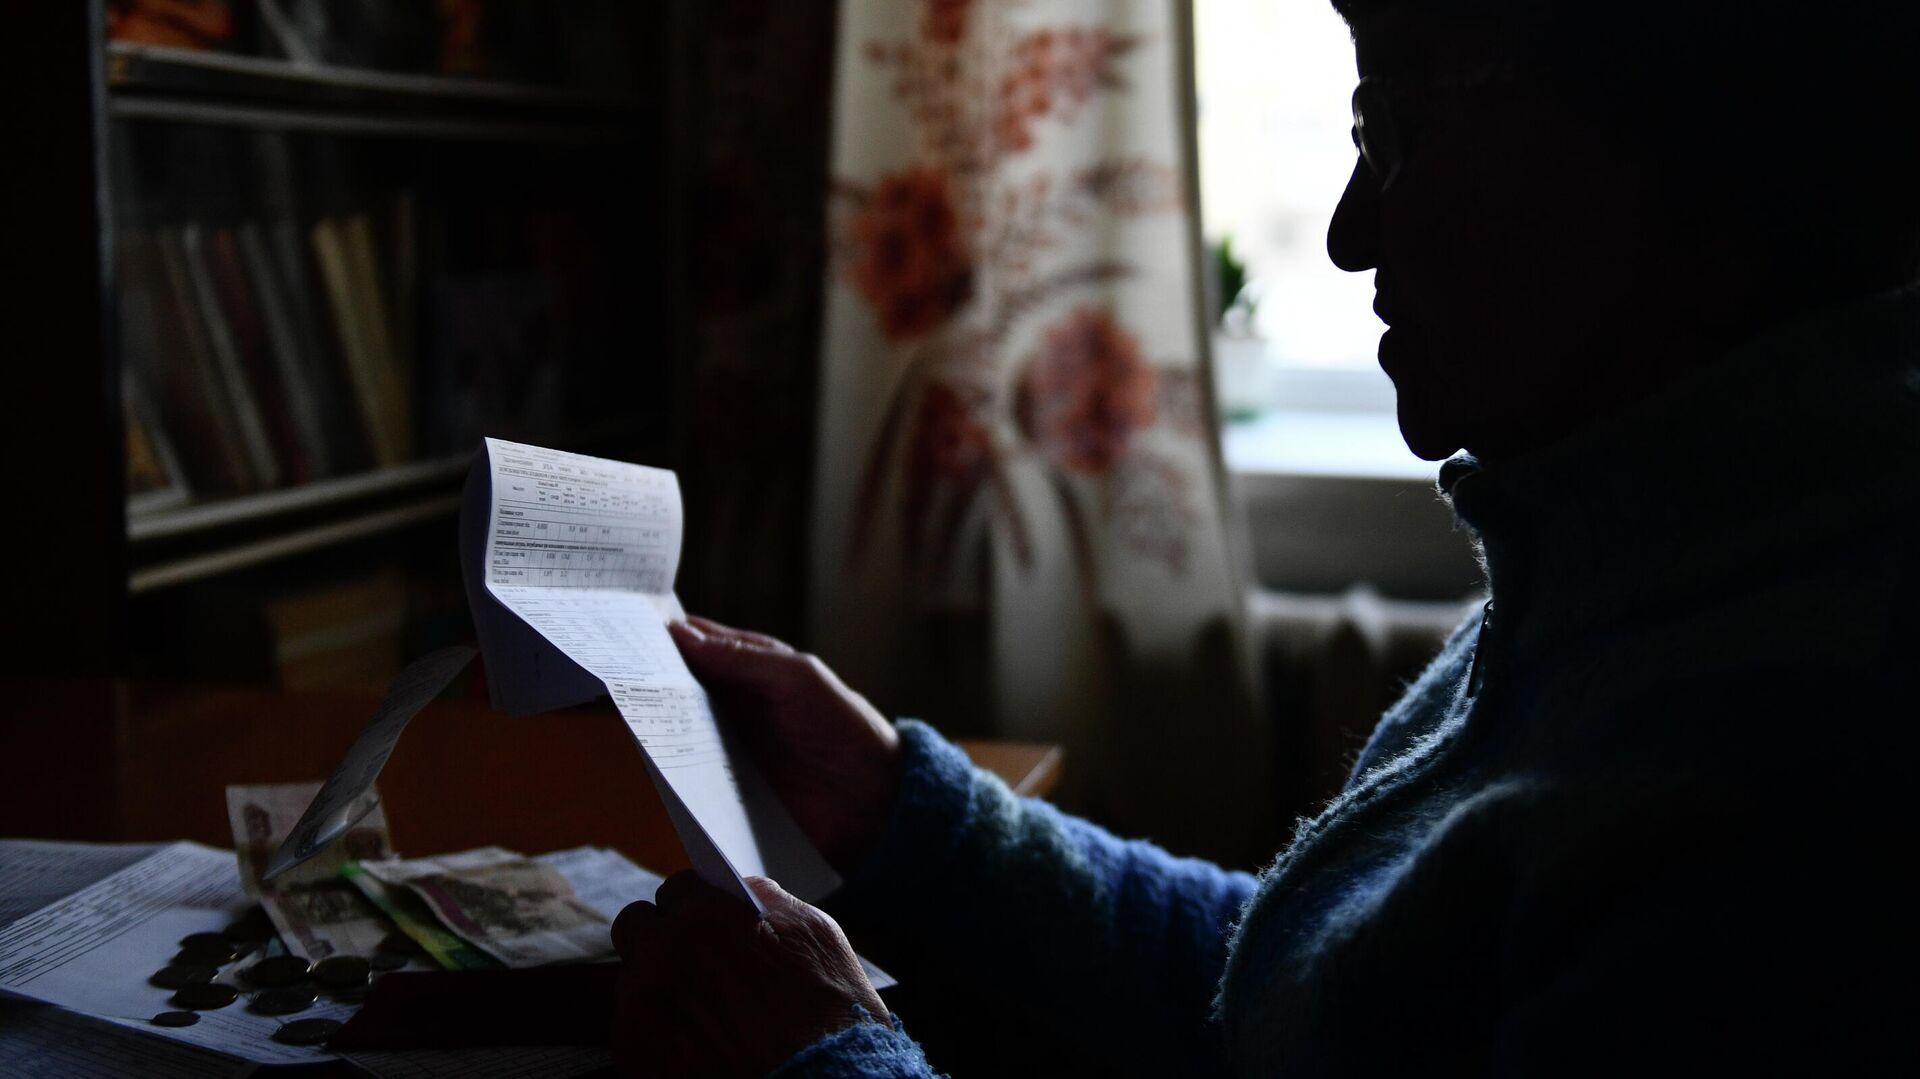 Пенсионерка держит в руках квитанцию ЖКХ - РИА Новости, 1920, 27.09.2021